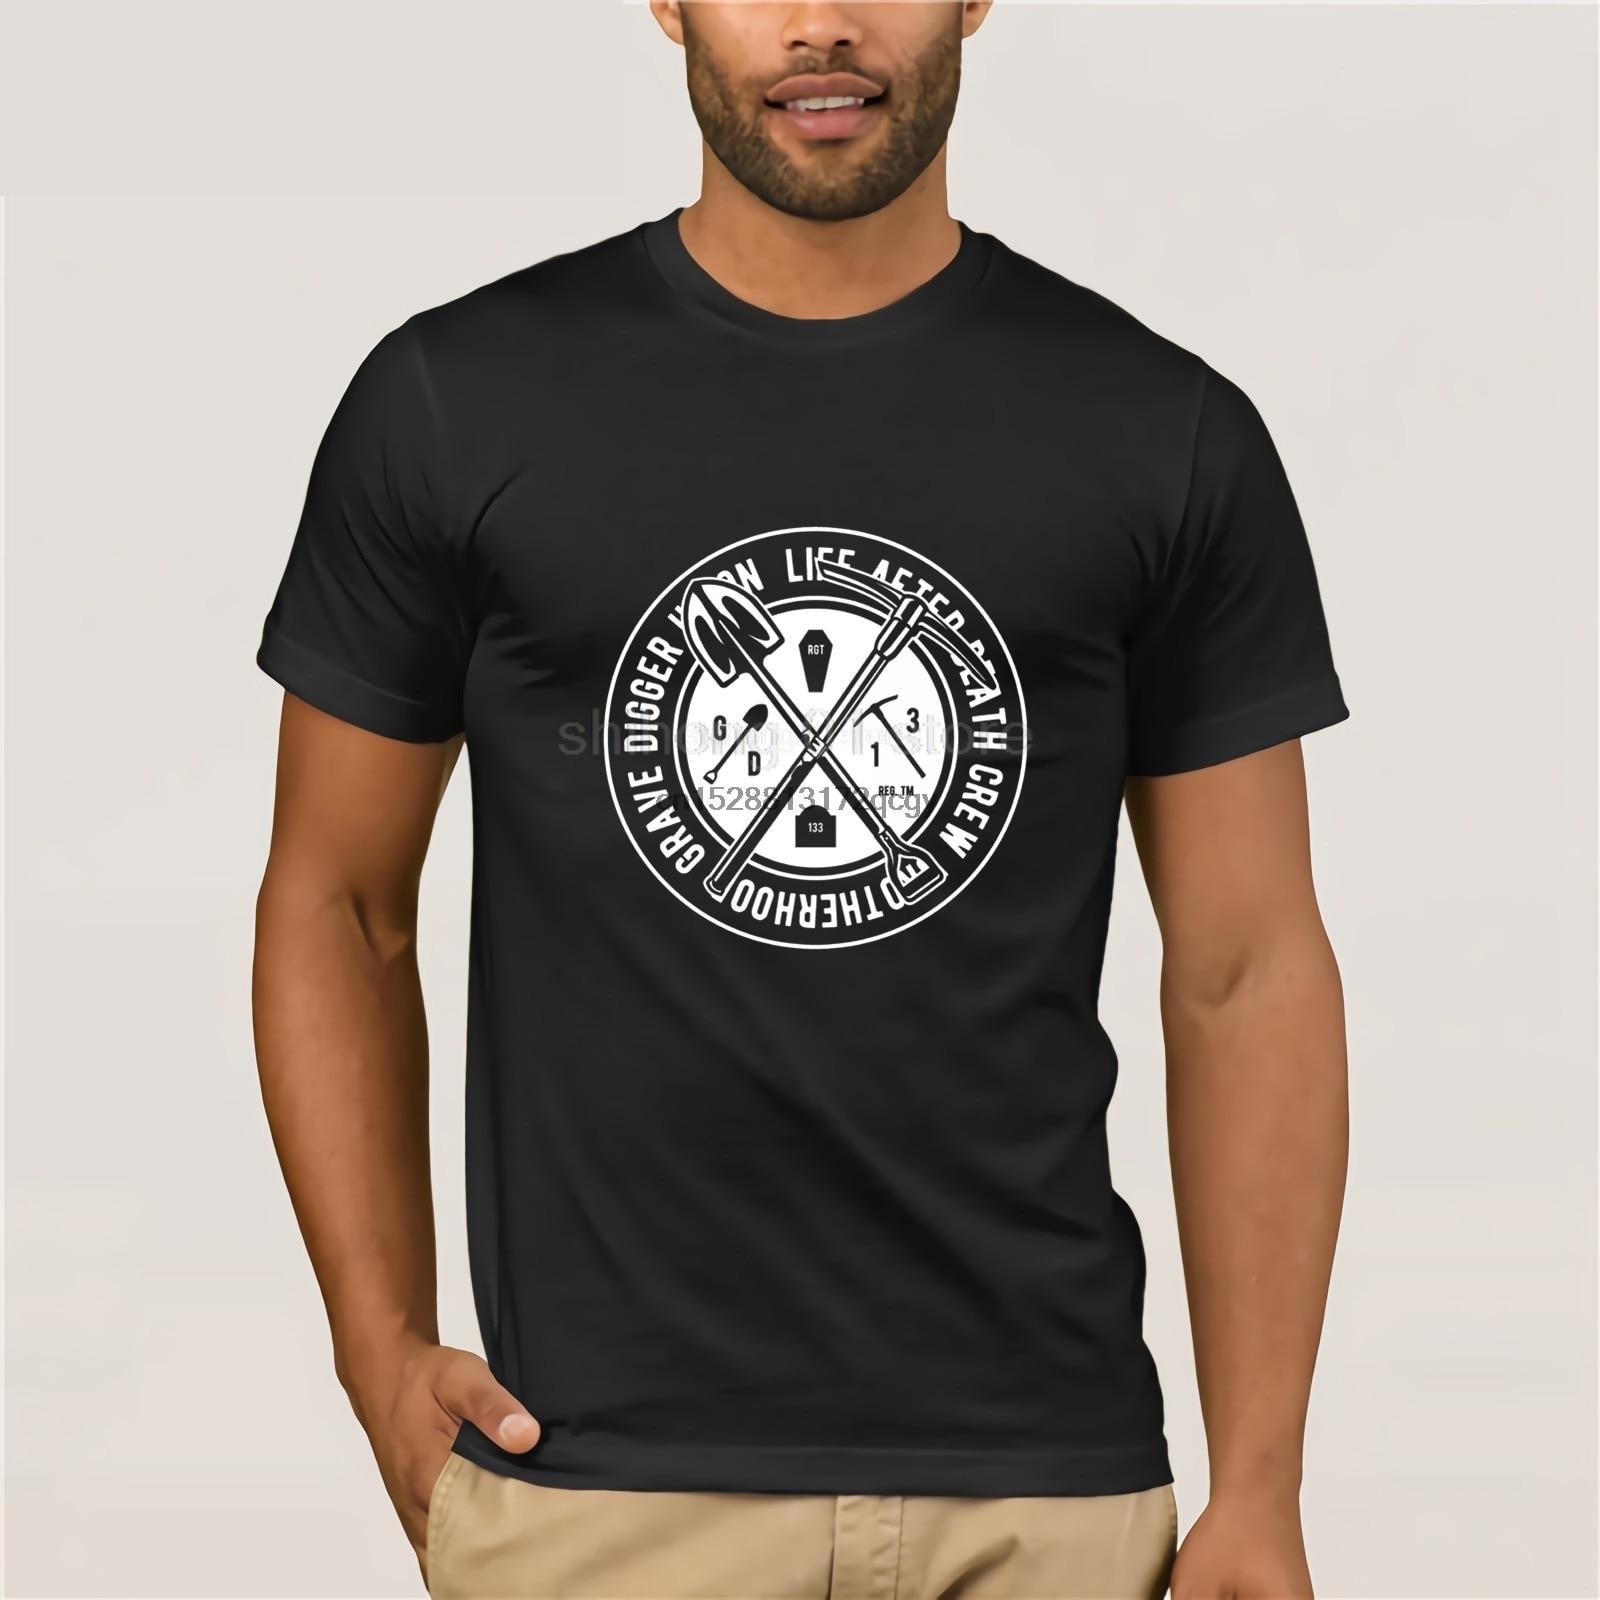 Camiseta de algodón de 100% para hombre 2019, oferta barata de verano, camisetas de prealgodón para hombres, camiseta Unisex para excavadora de tumba, diseño de sitio web